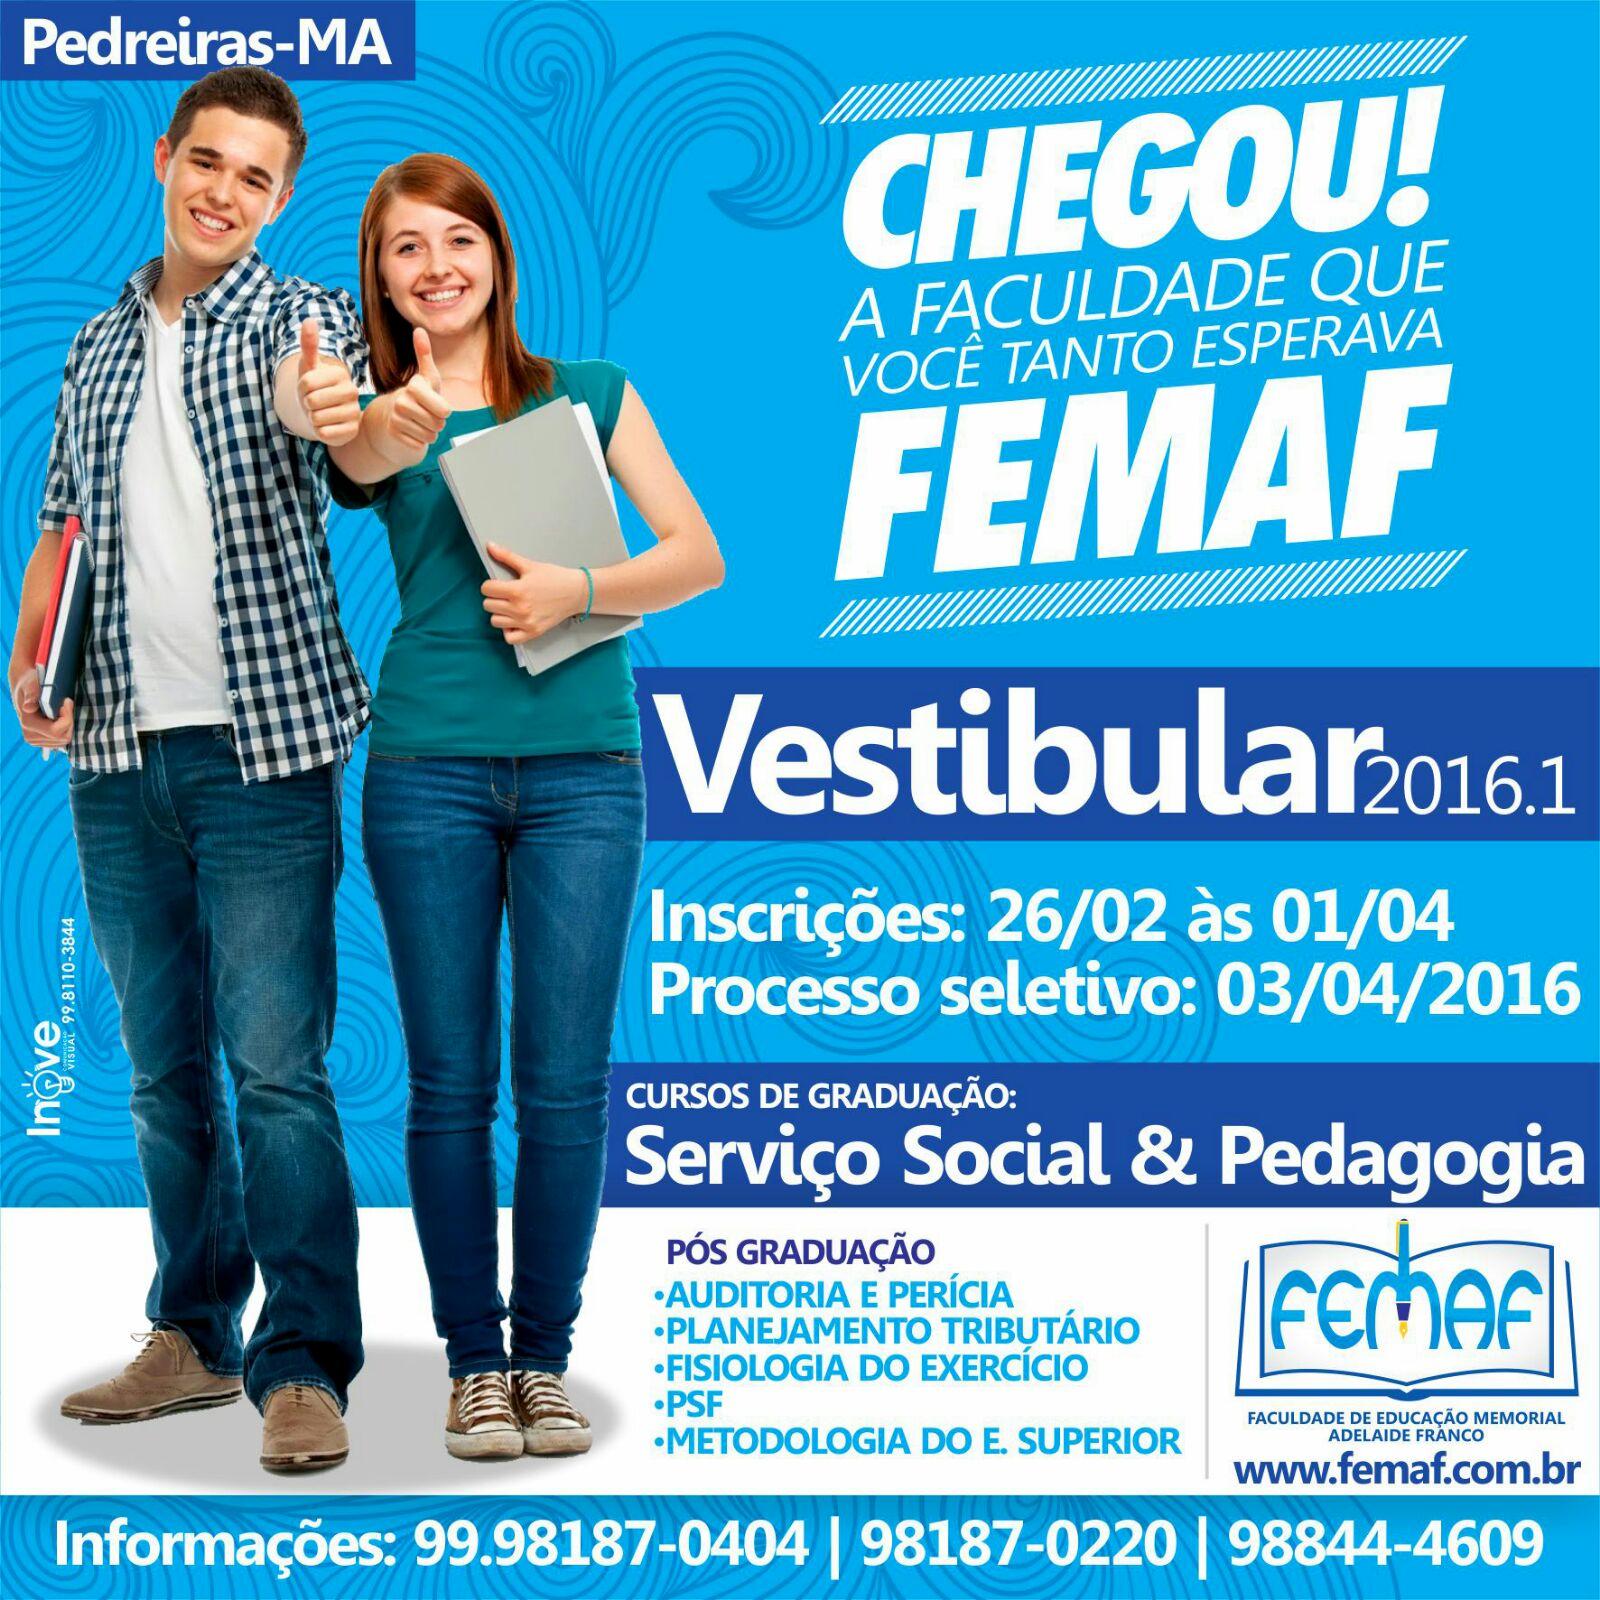 FEMAF - PEDREIRAS - MA